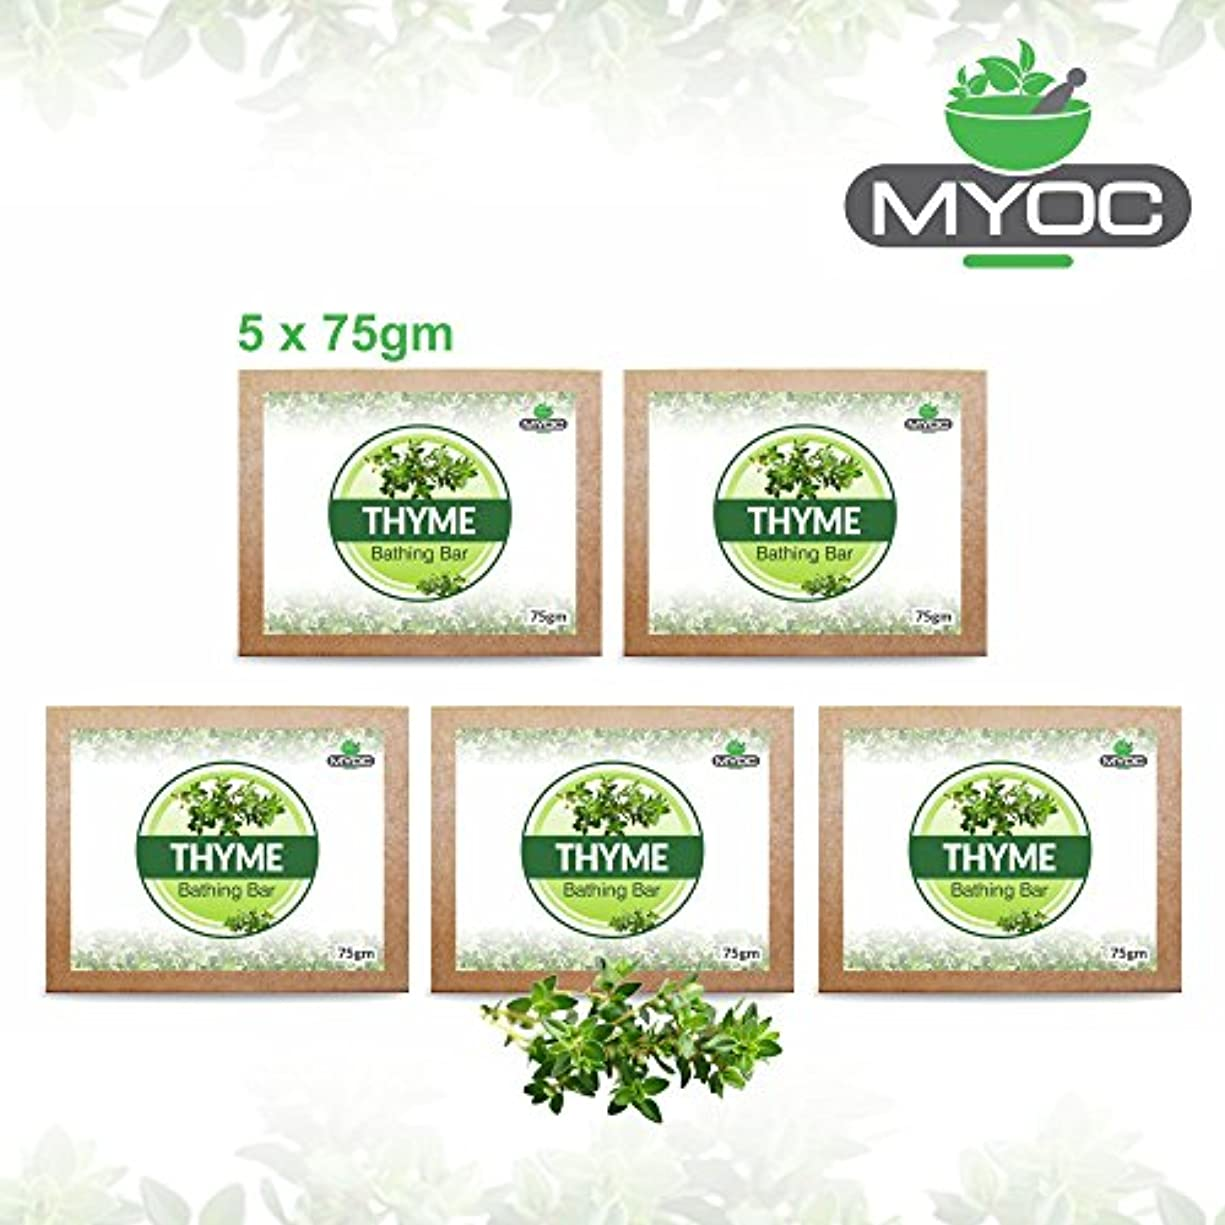 クライストチャーチレトルト八百屋Thyme Oil And Vitamin E Soap For bad odour, acne free and athletes foot 75g x 5 Pack